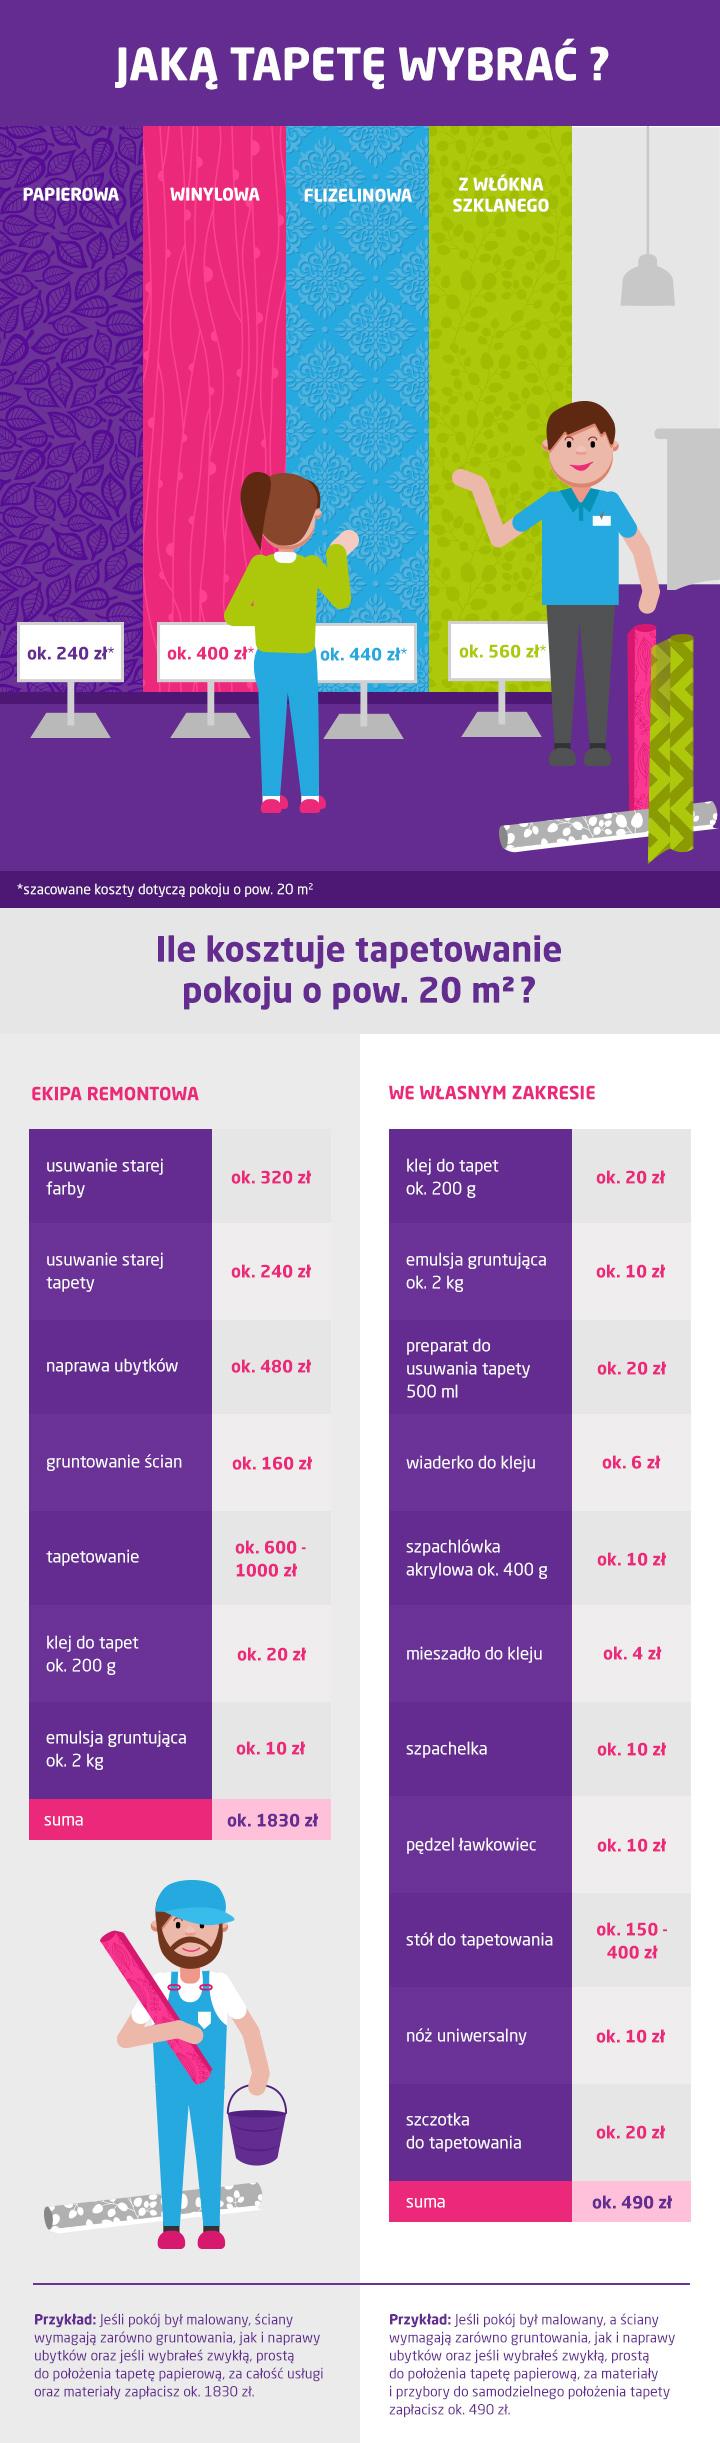 Jaką tapetę wybrać - infografika